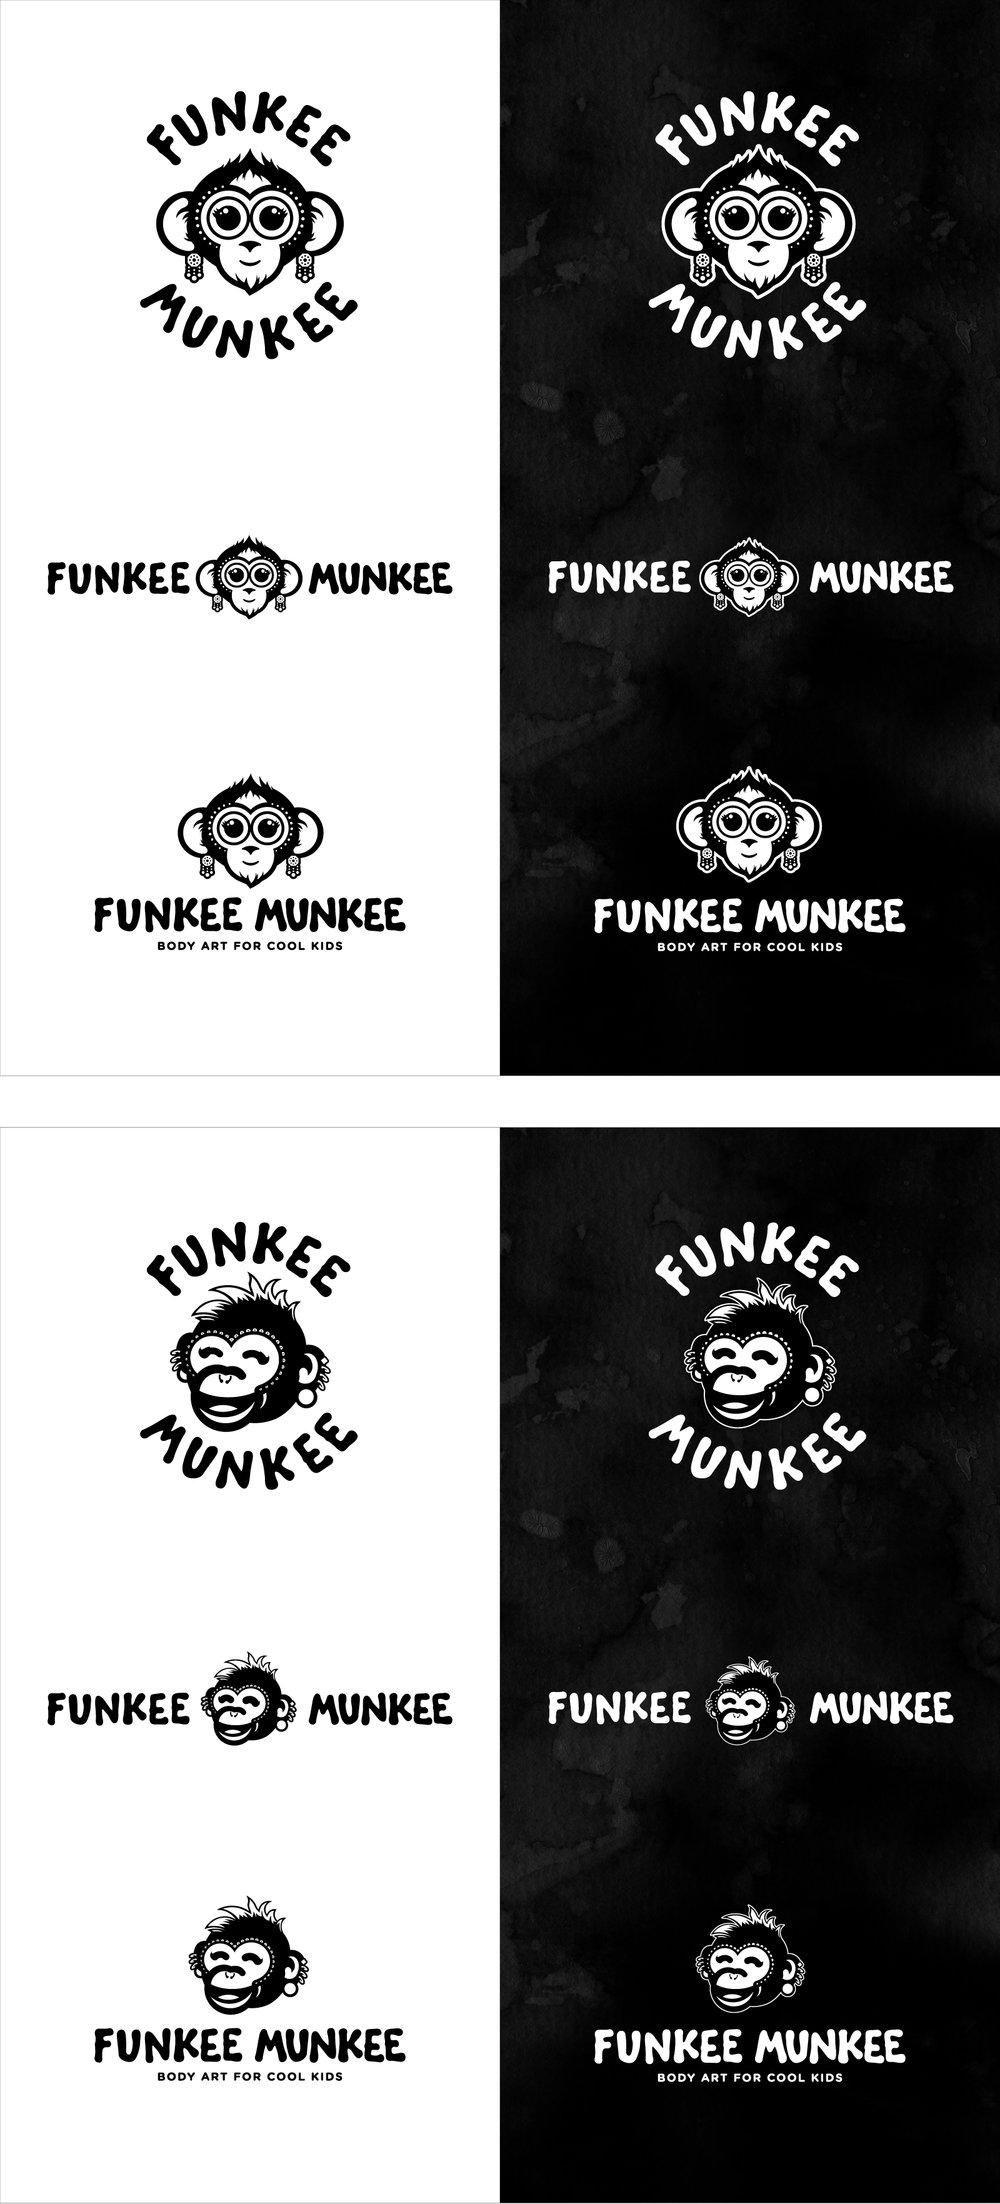 Funkee-Munkee_3.jpg